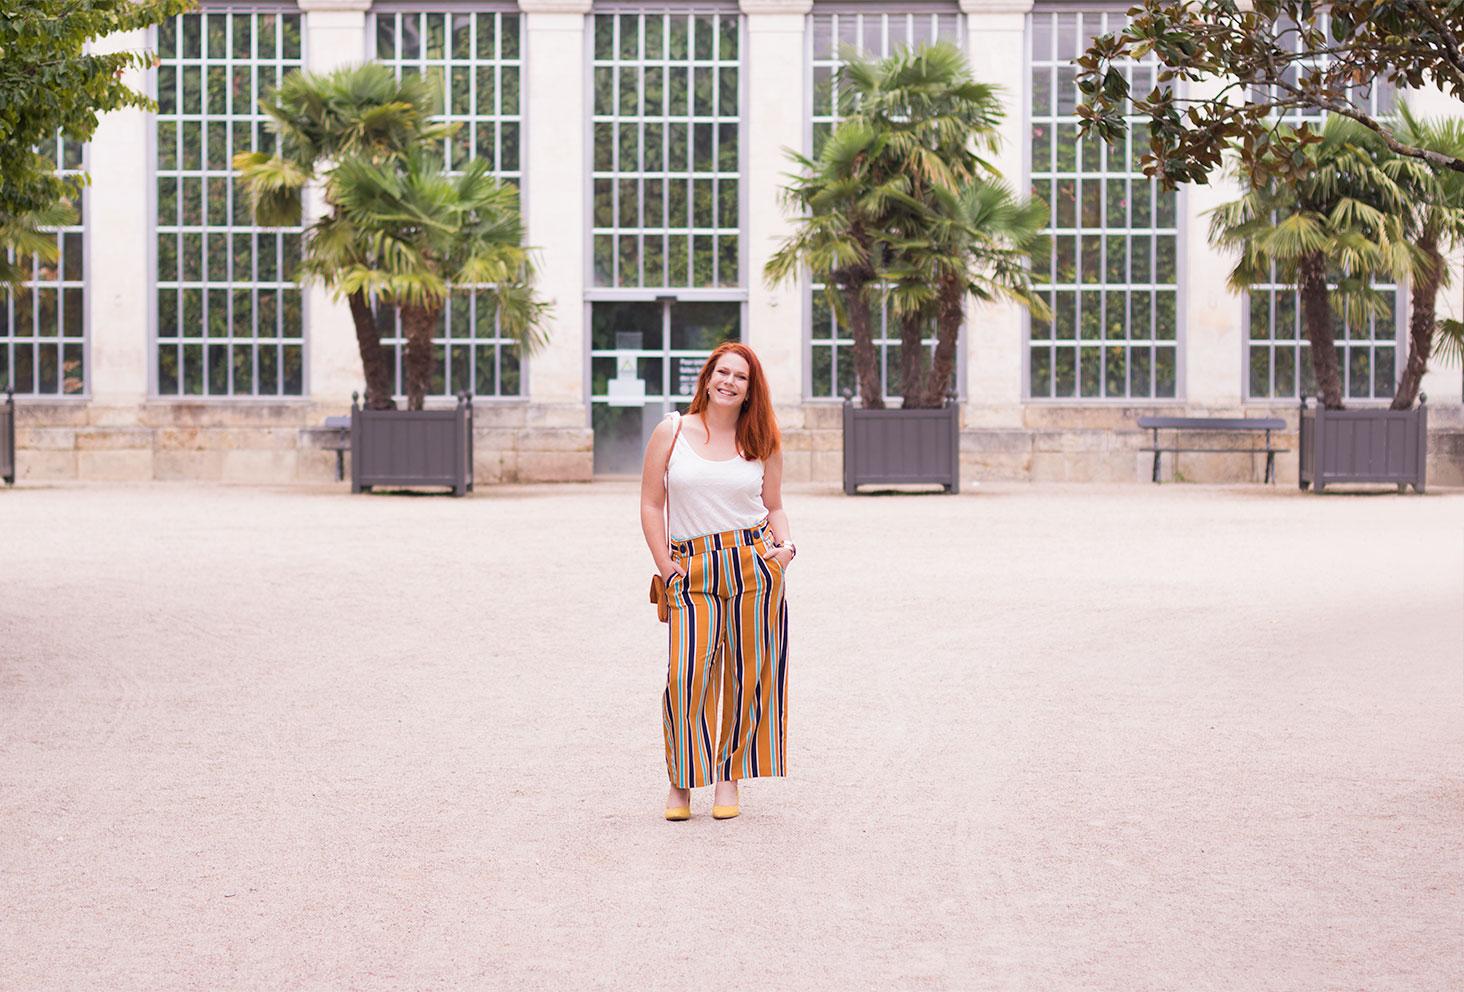 Look de rentrée entier devant les palmiers, en débardeurs blanc et pantalon à rayures fluide jaune, avec le sourire